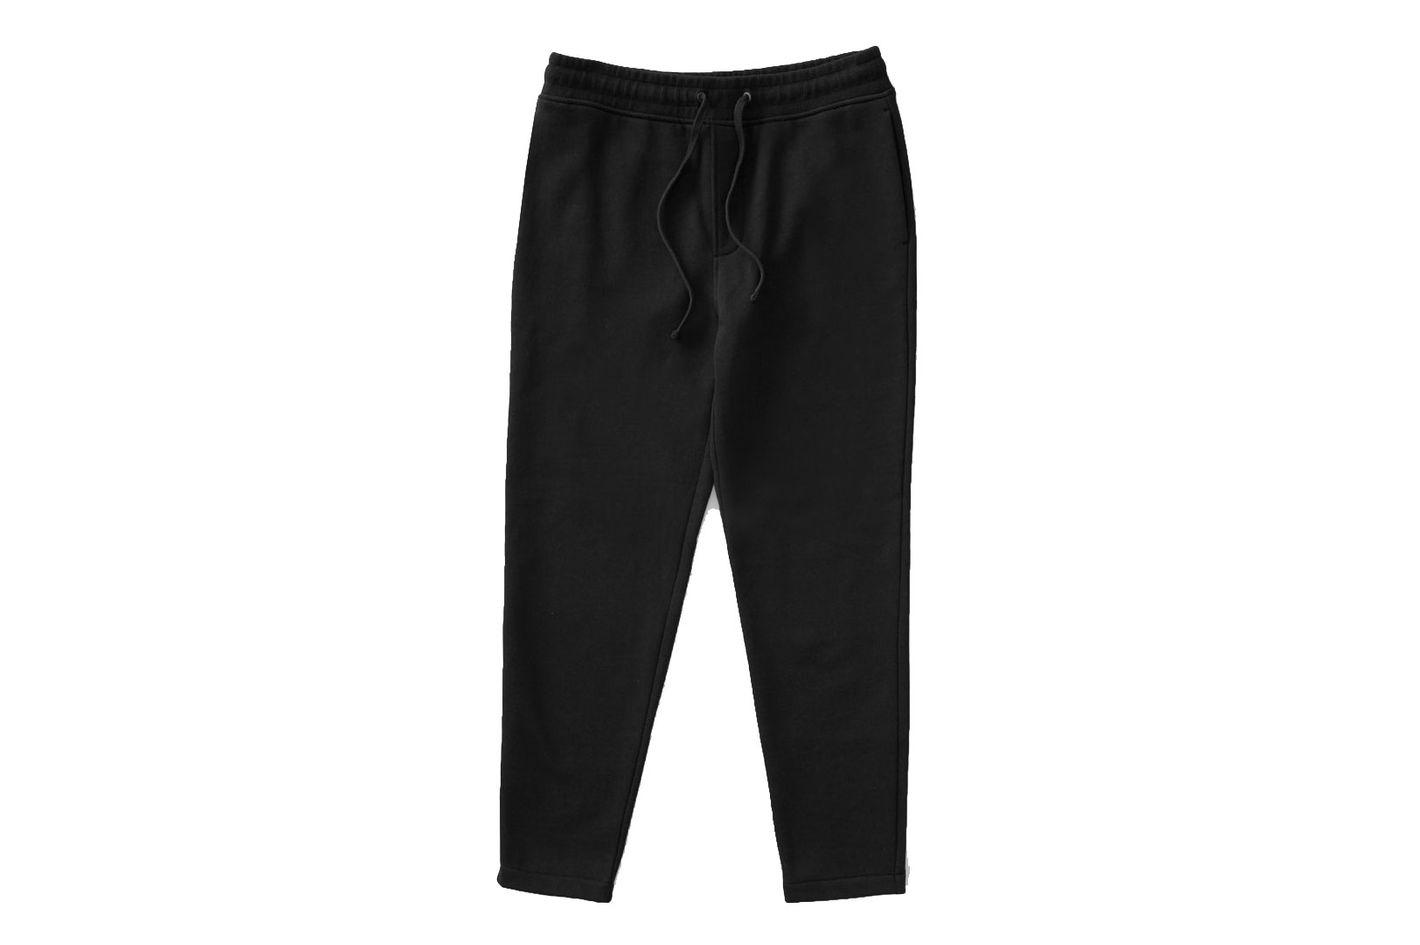 Everlane Fleece Sweatpants